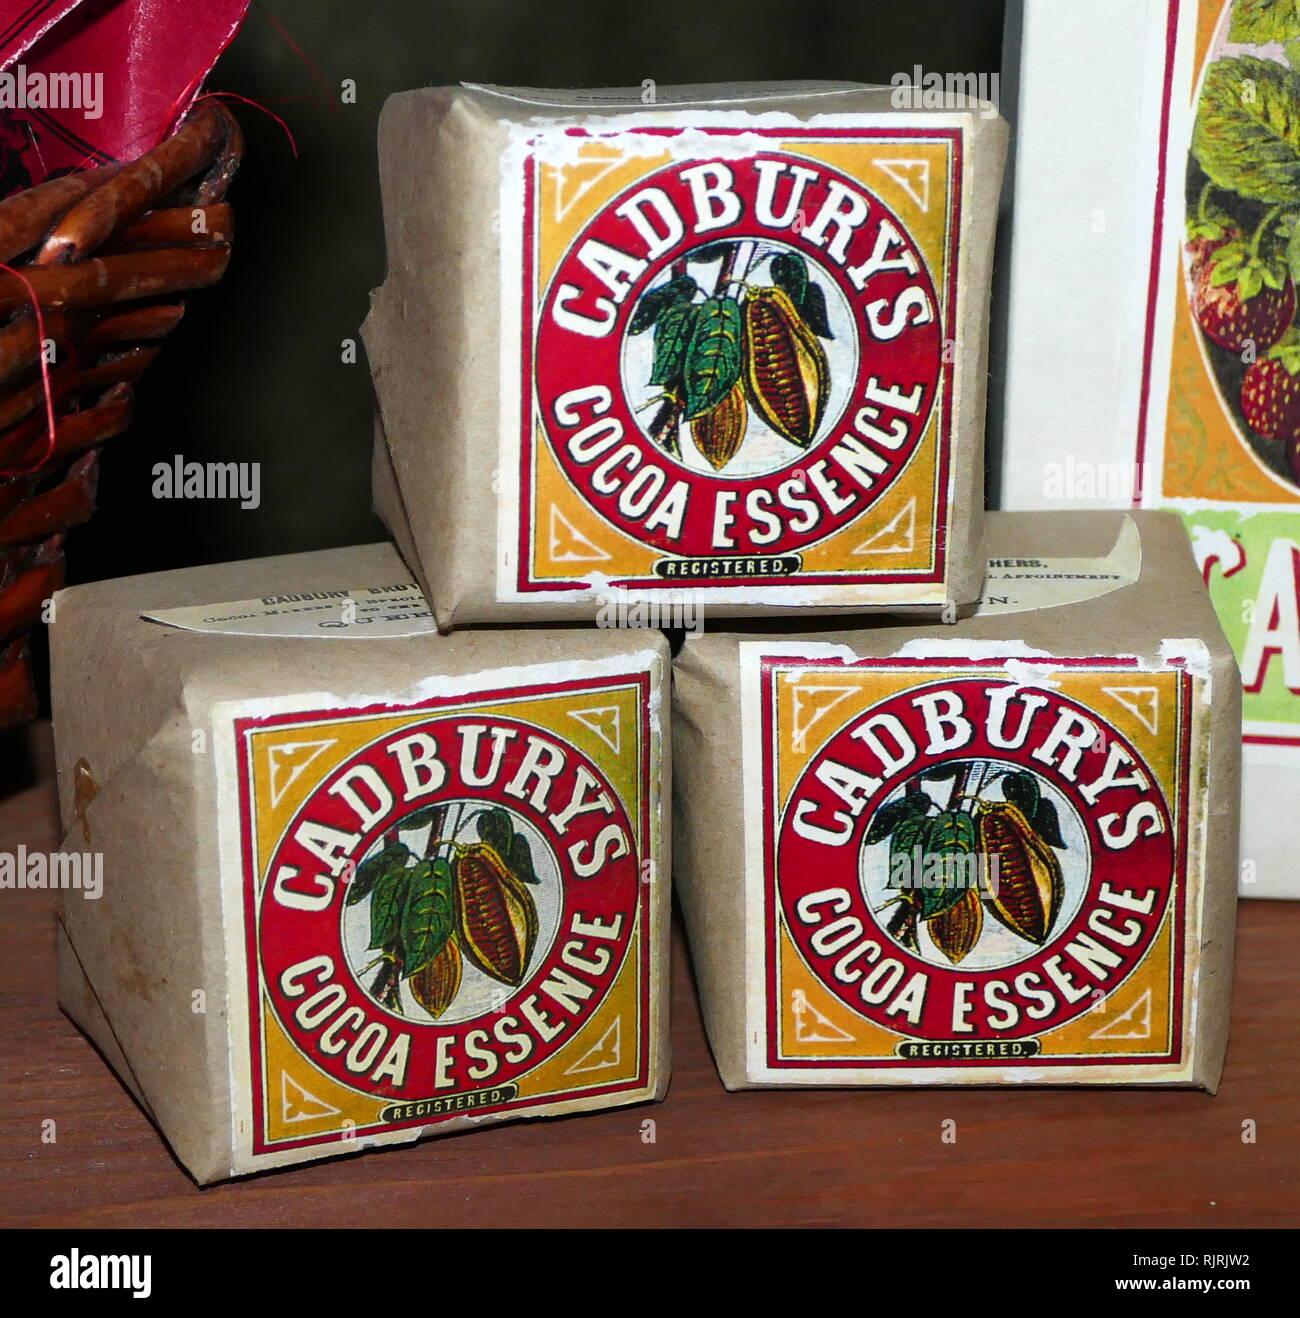 Xx secolo di confezioni di Cadbury di essenza di cacao. Cadbury è stato stabilito di Birmingham in Inghilterra nel 1824, da John Cadbury che hanno venduto il tè, il caffè e il cioccolato da bere. Immagini Stock